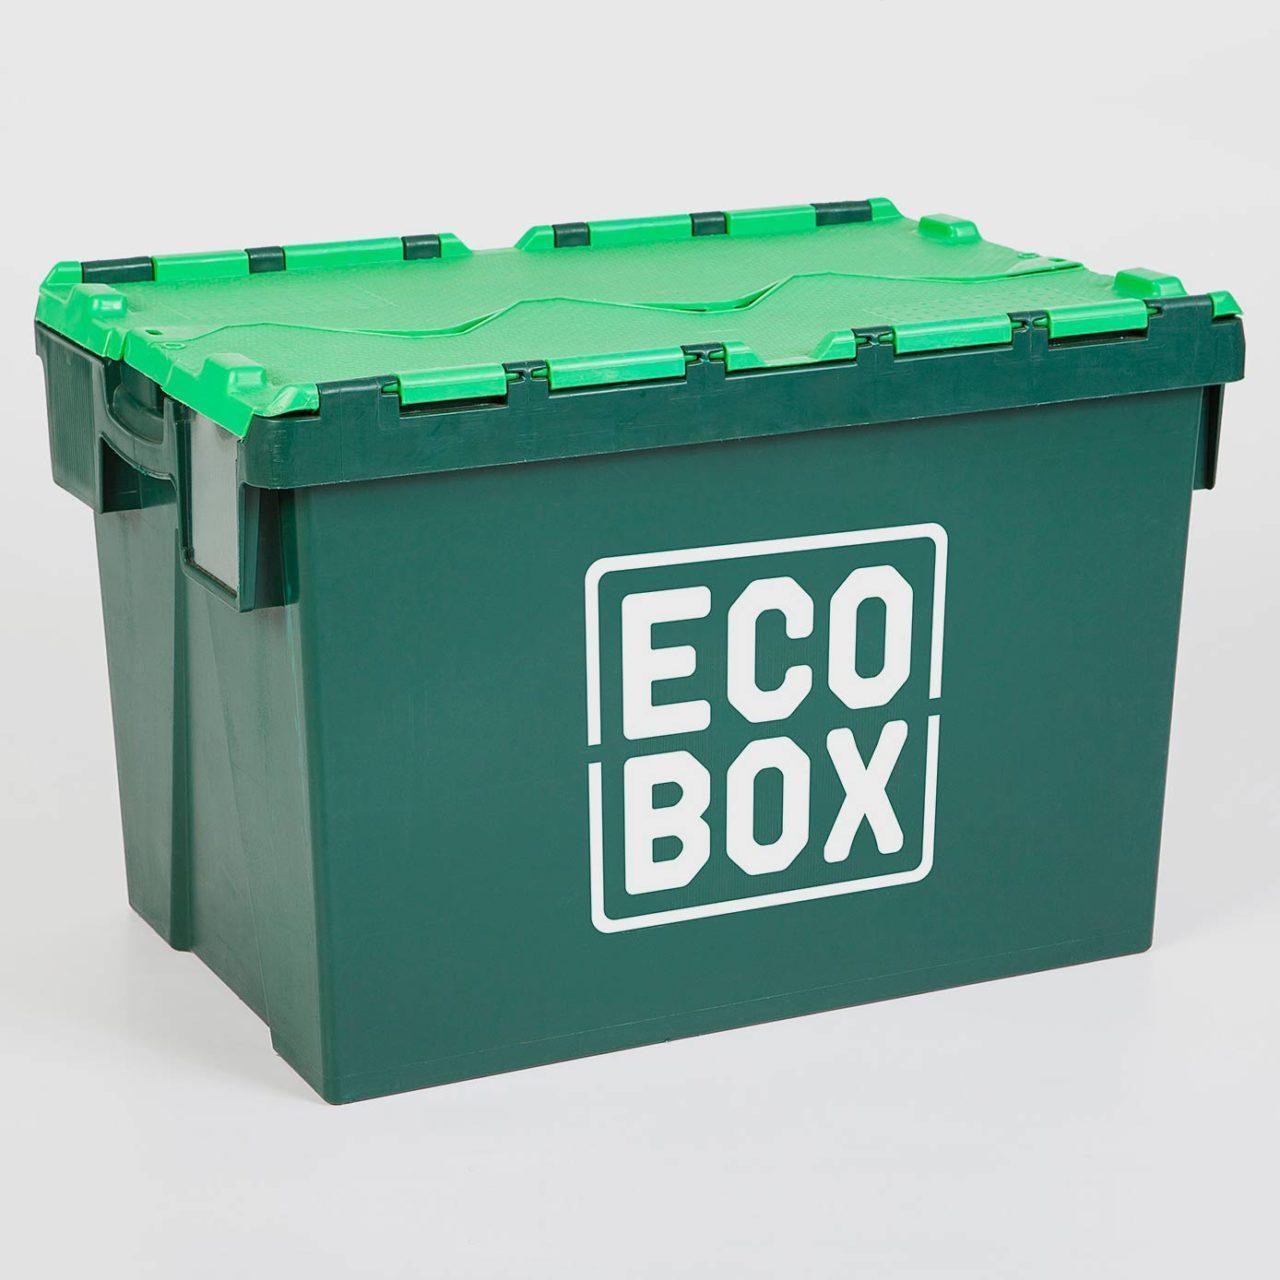 Ecoboxes